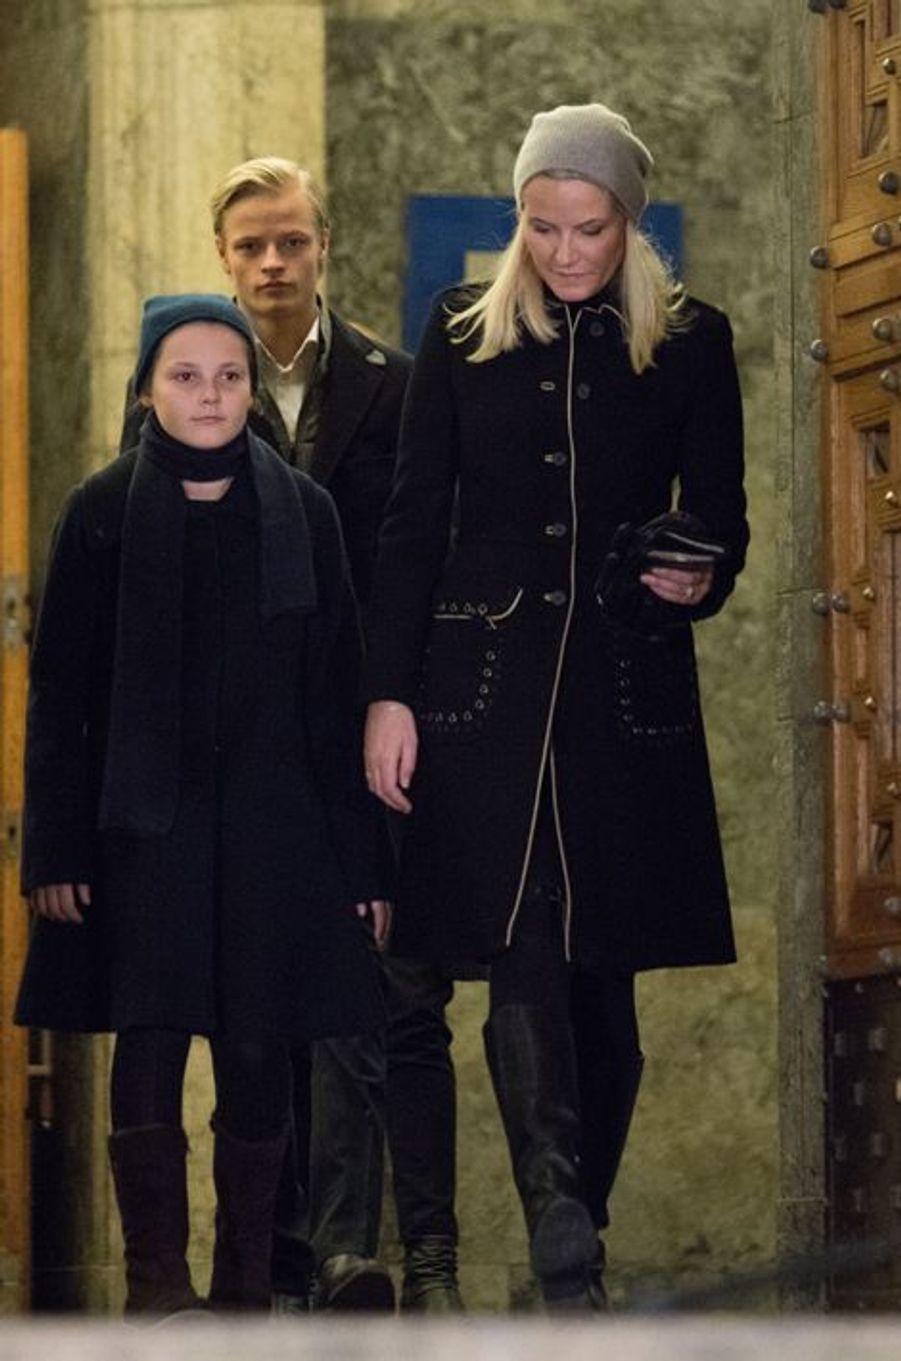 La princesse Mette-Marit de Norvège avec la princesse Ingrid-Alexandra et Marius à Oslo, le 17 novembre 2015